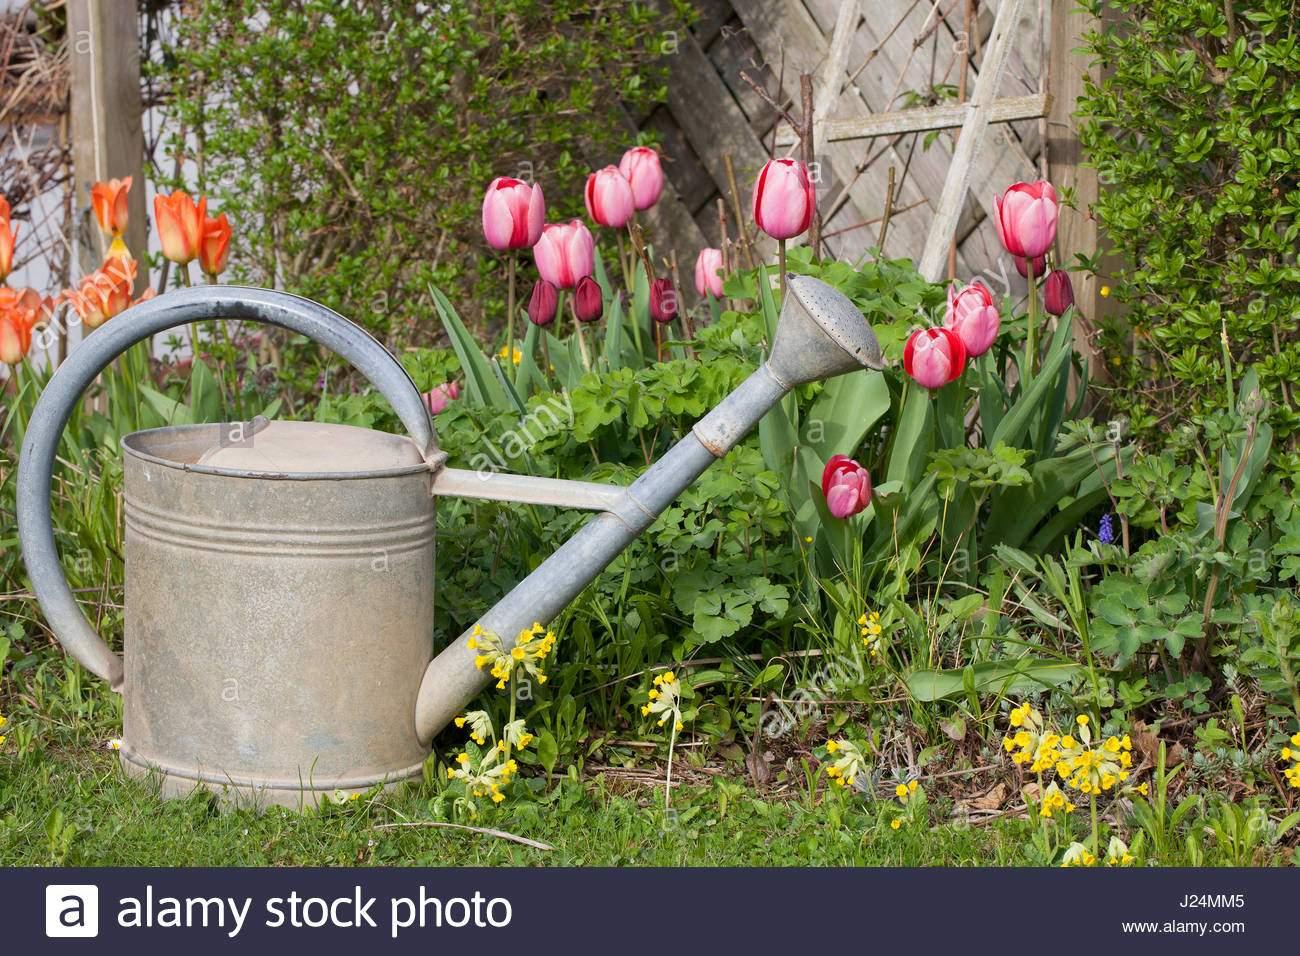 stockfoto alte giesskanne metall im garten mit tulpen und schlusselblumen